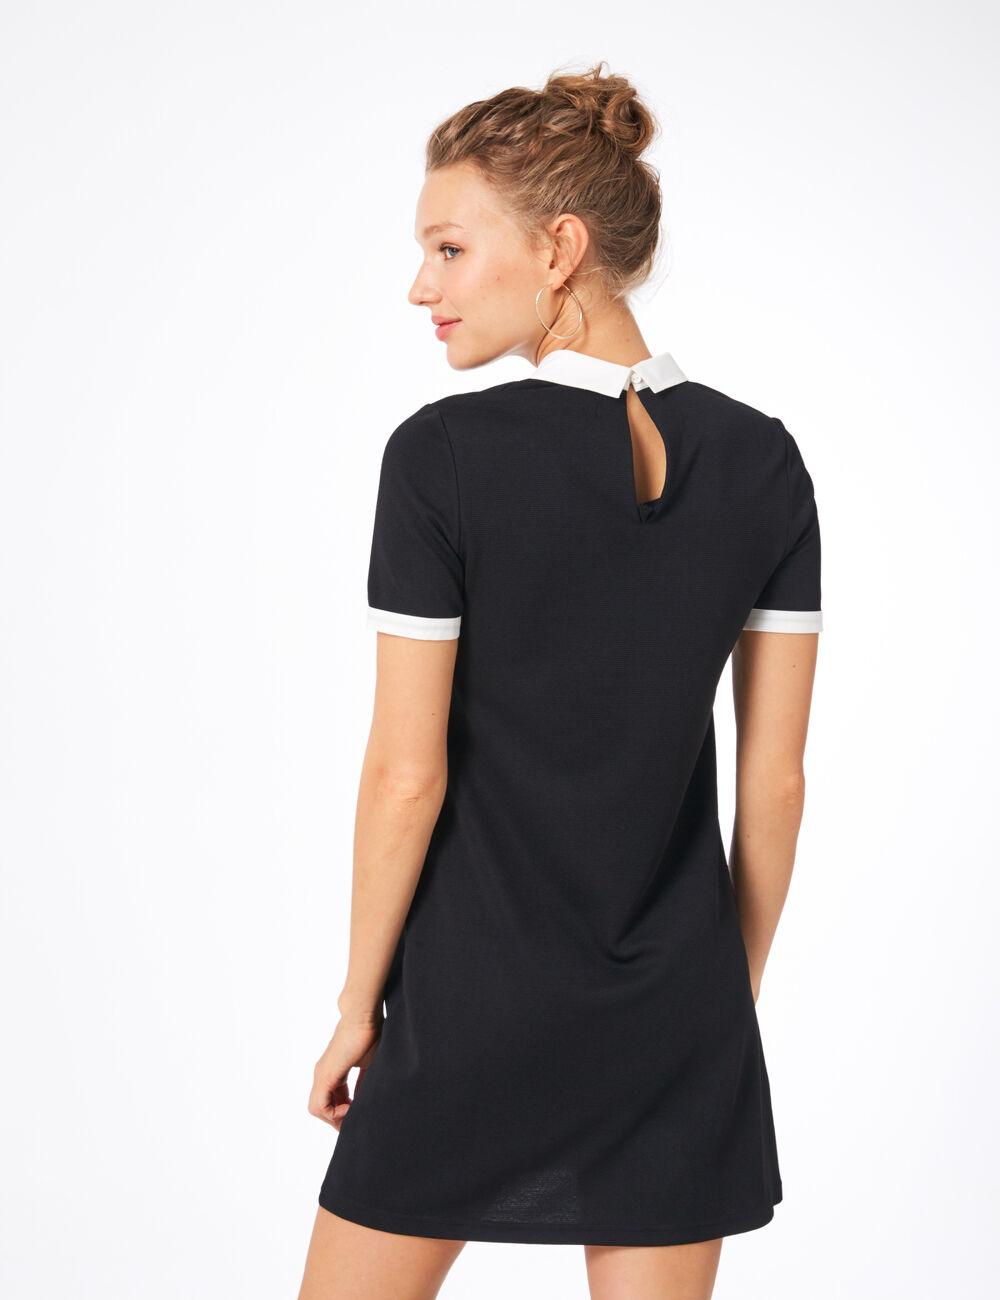 caa7d2bcce2 robe avec col blanc noire robe avec col blanc noire ...